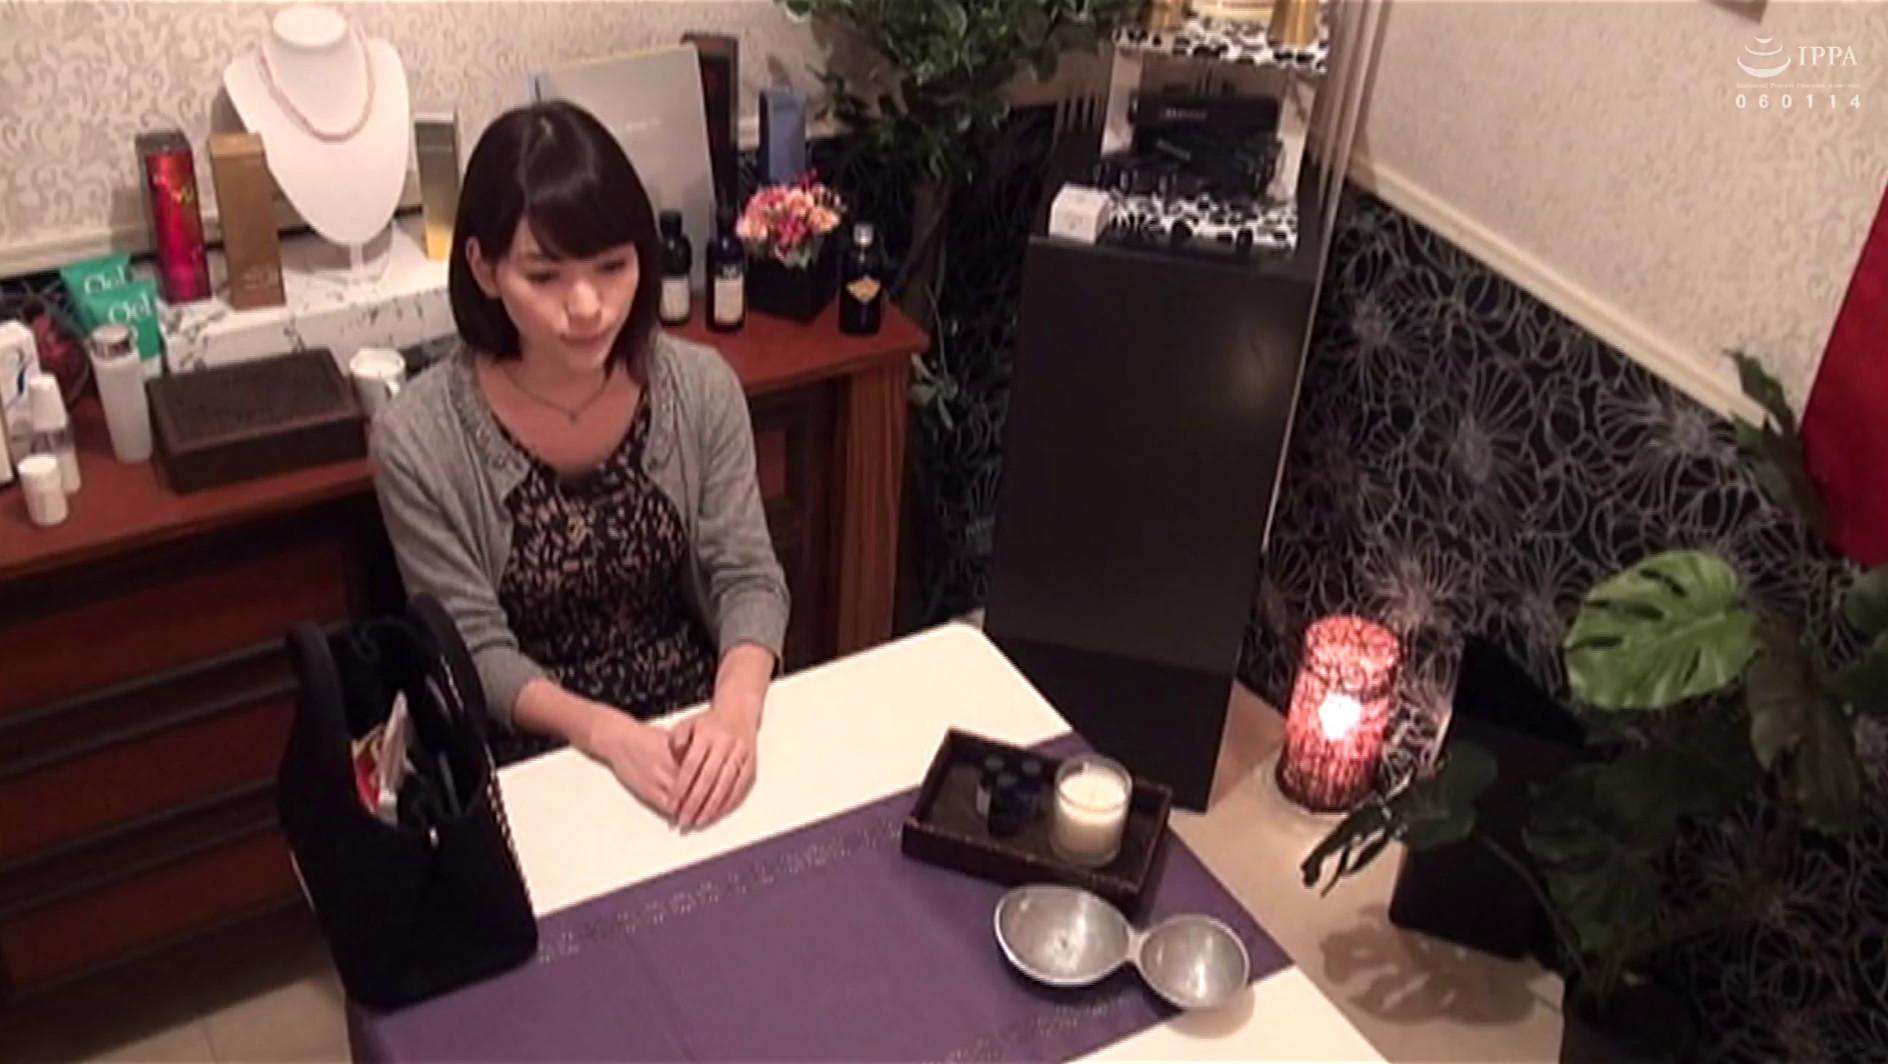 ザ☆ノンフィクション 盗撮ドキュメント 神回ベスト マル秘猥褻エステ・治療院編 12人4時間 02